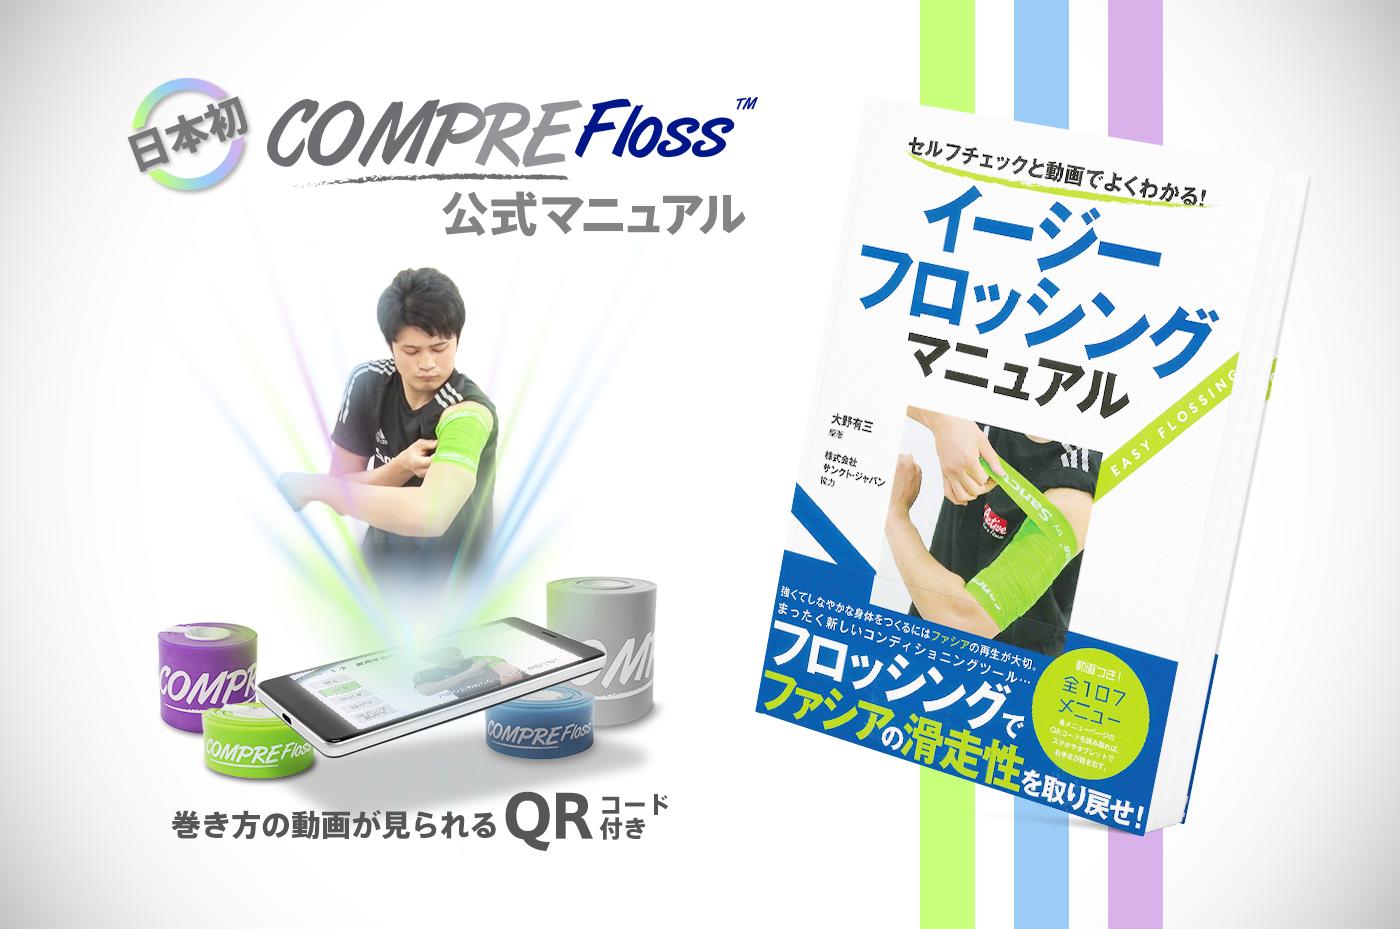 日本初!コンプレフロス マニュアル 販売スタート